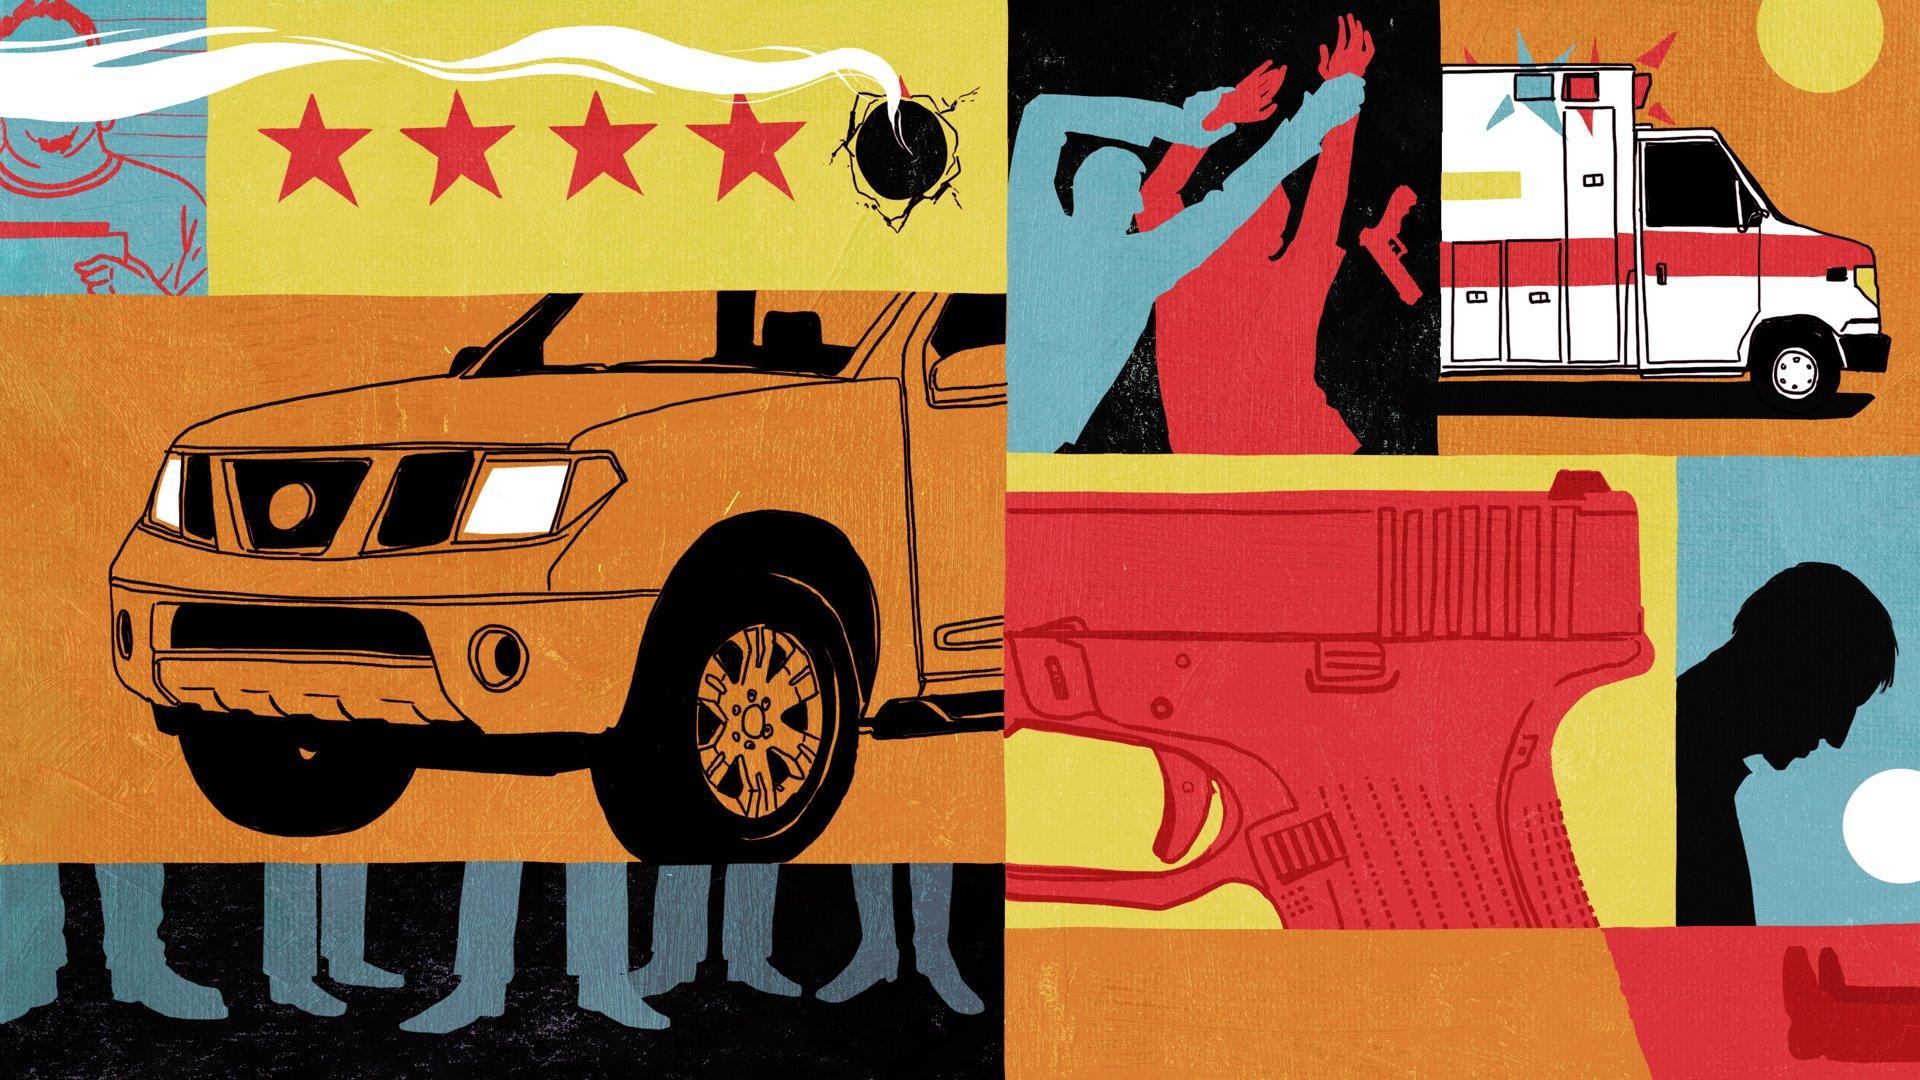 'We've Got An Uber Driver Who's Got A Gun'